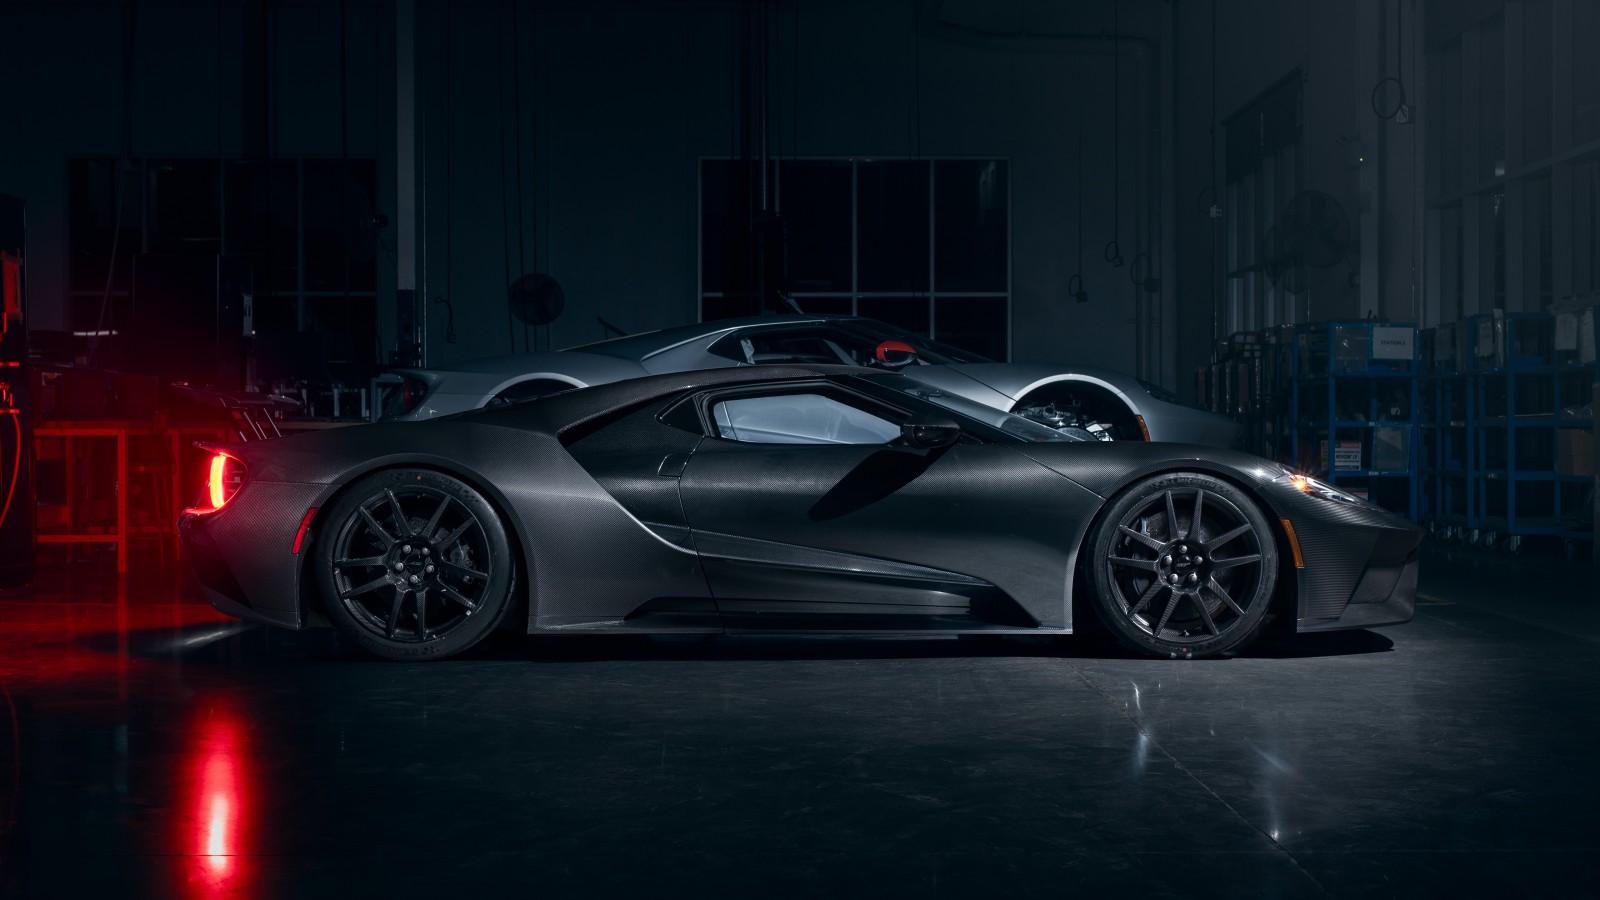 2020 Ford GT Liquid Carbon 5K 2 Wallpaper   HD Car ...